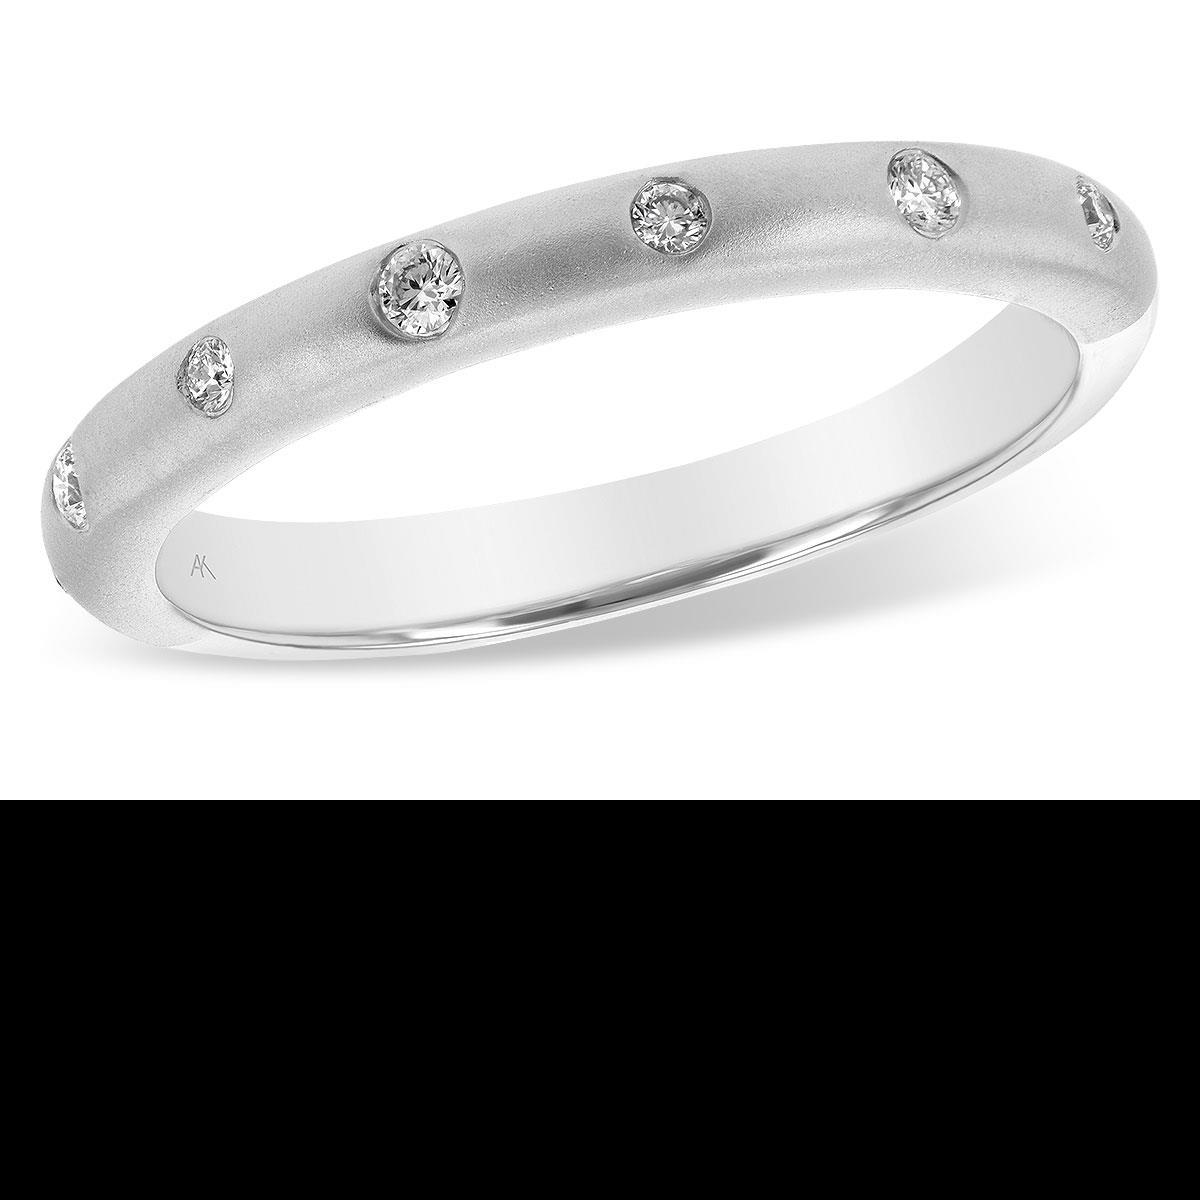 Allison_kaufman_white_gold_band_diamond_ring